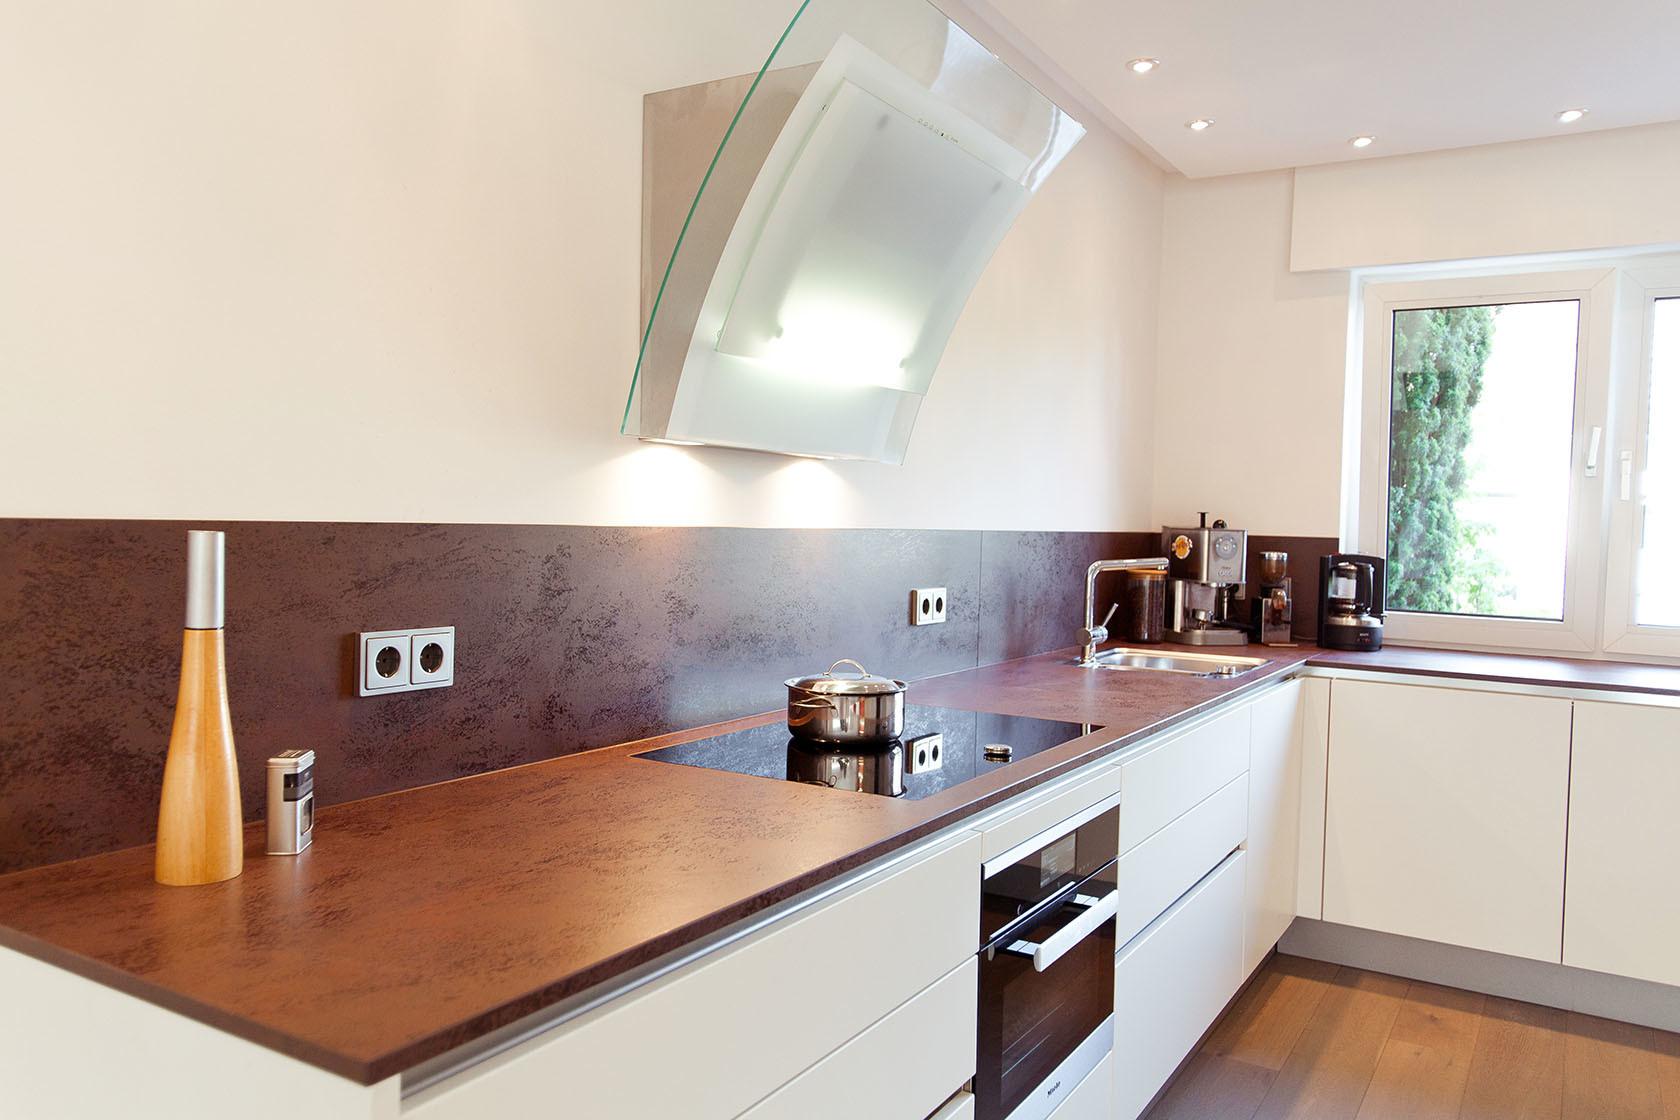 küchenbeleuchtung: das optimale licht und lampen für die küche ... - Günstige Arbeitsplatten Für Die Küche